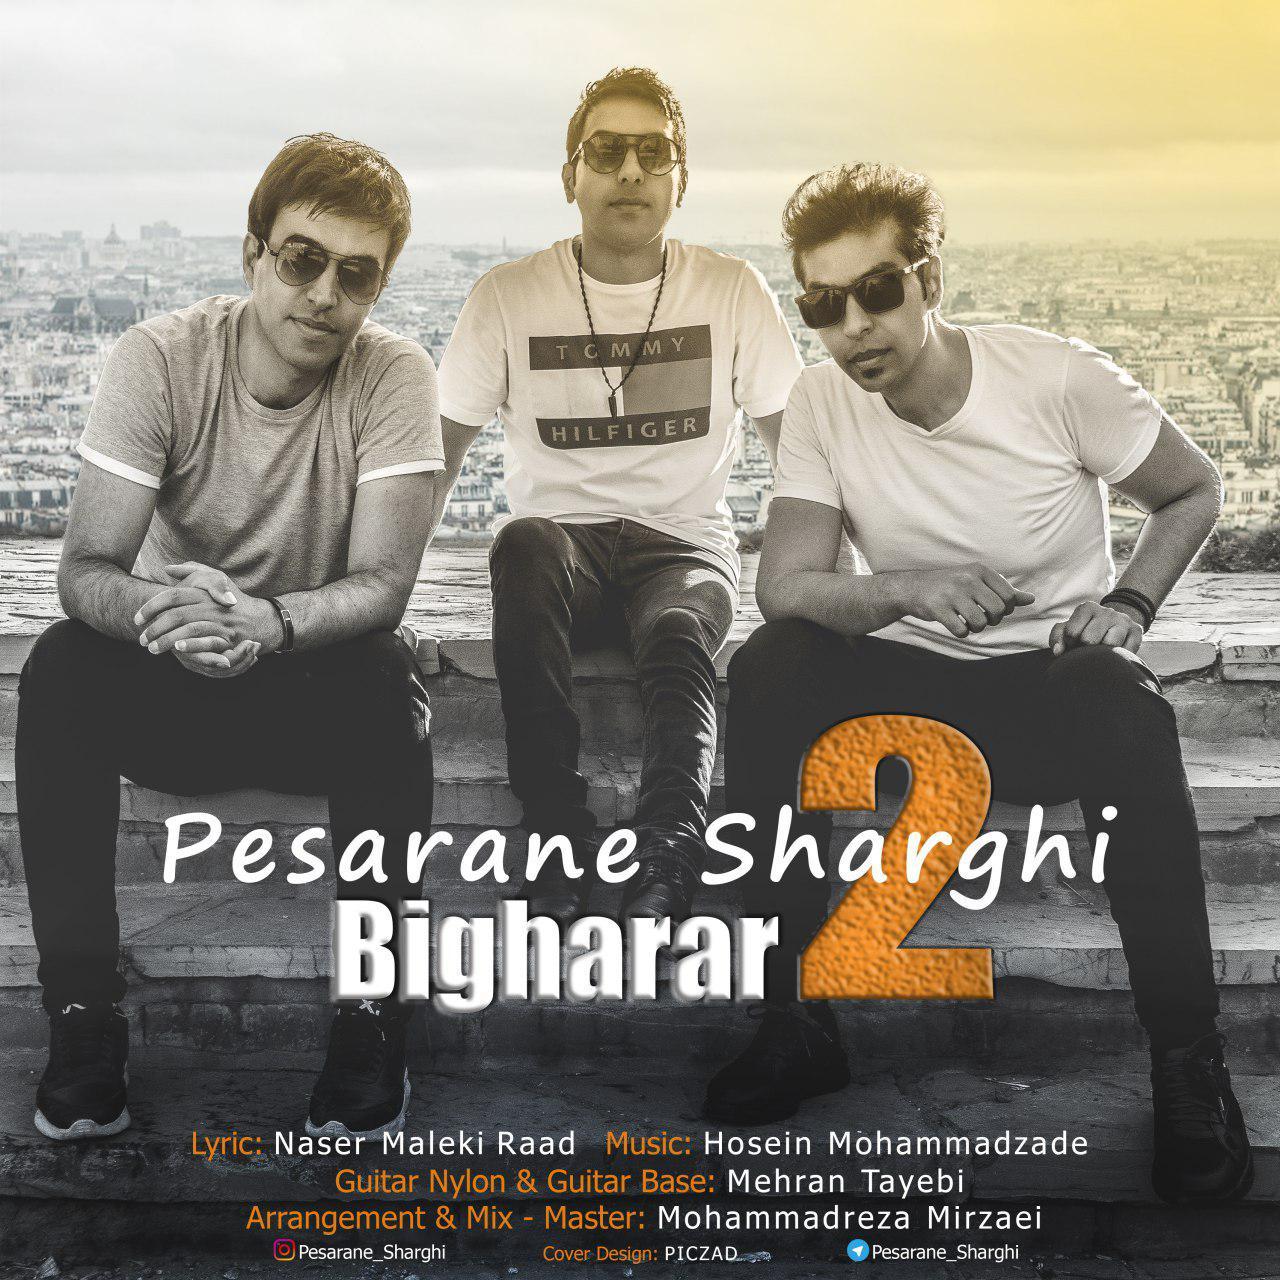 Pesarane Sharghi - Bigharar 2 Music | آهنگ پسران شرقی - بی قرار 2